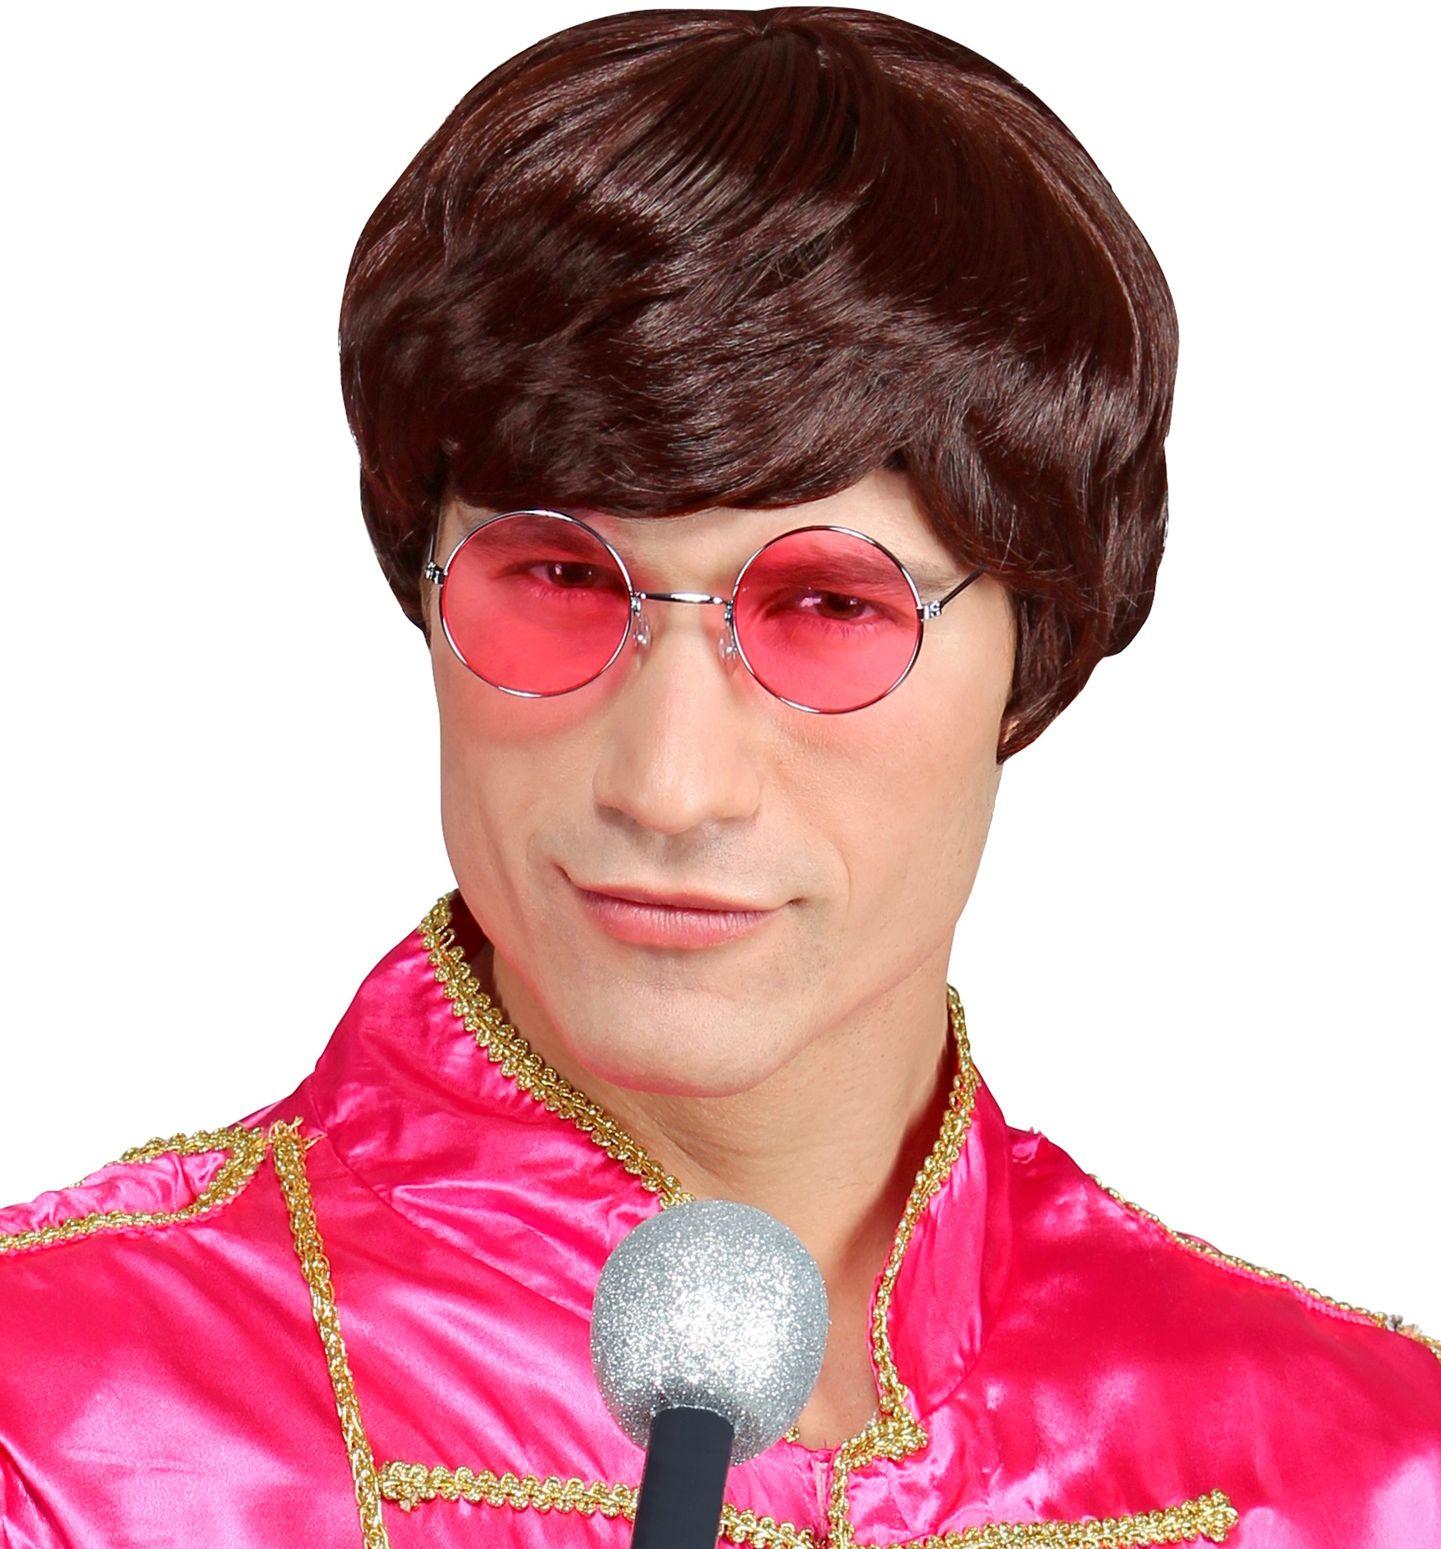 Bruine John Lennon pruik